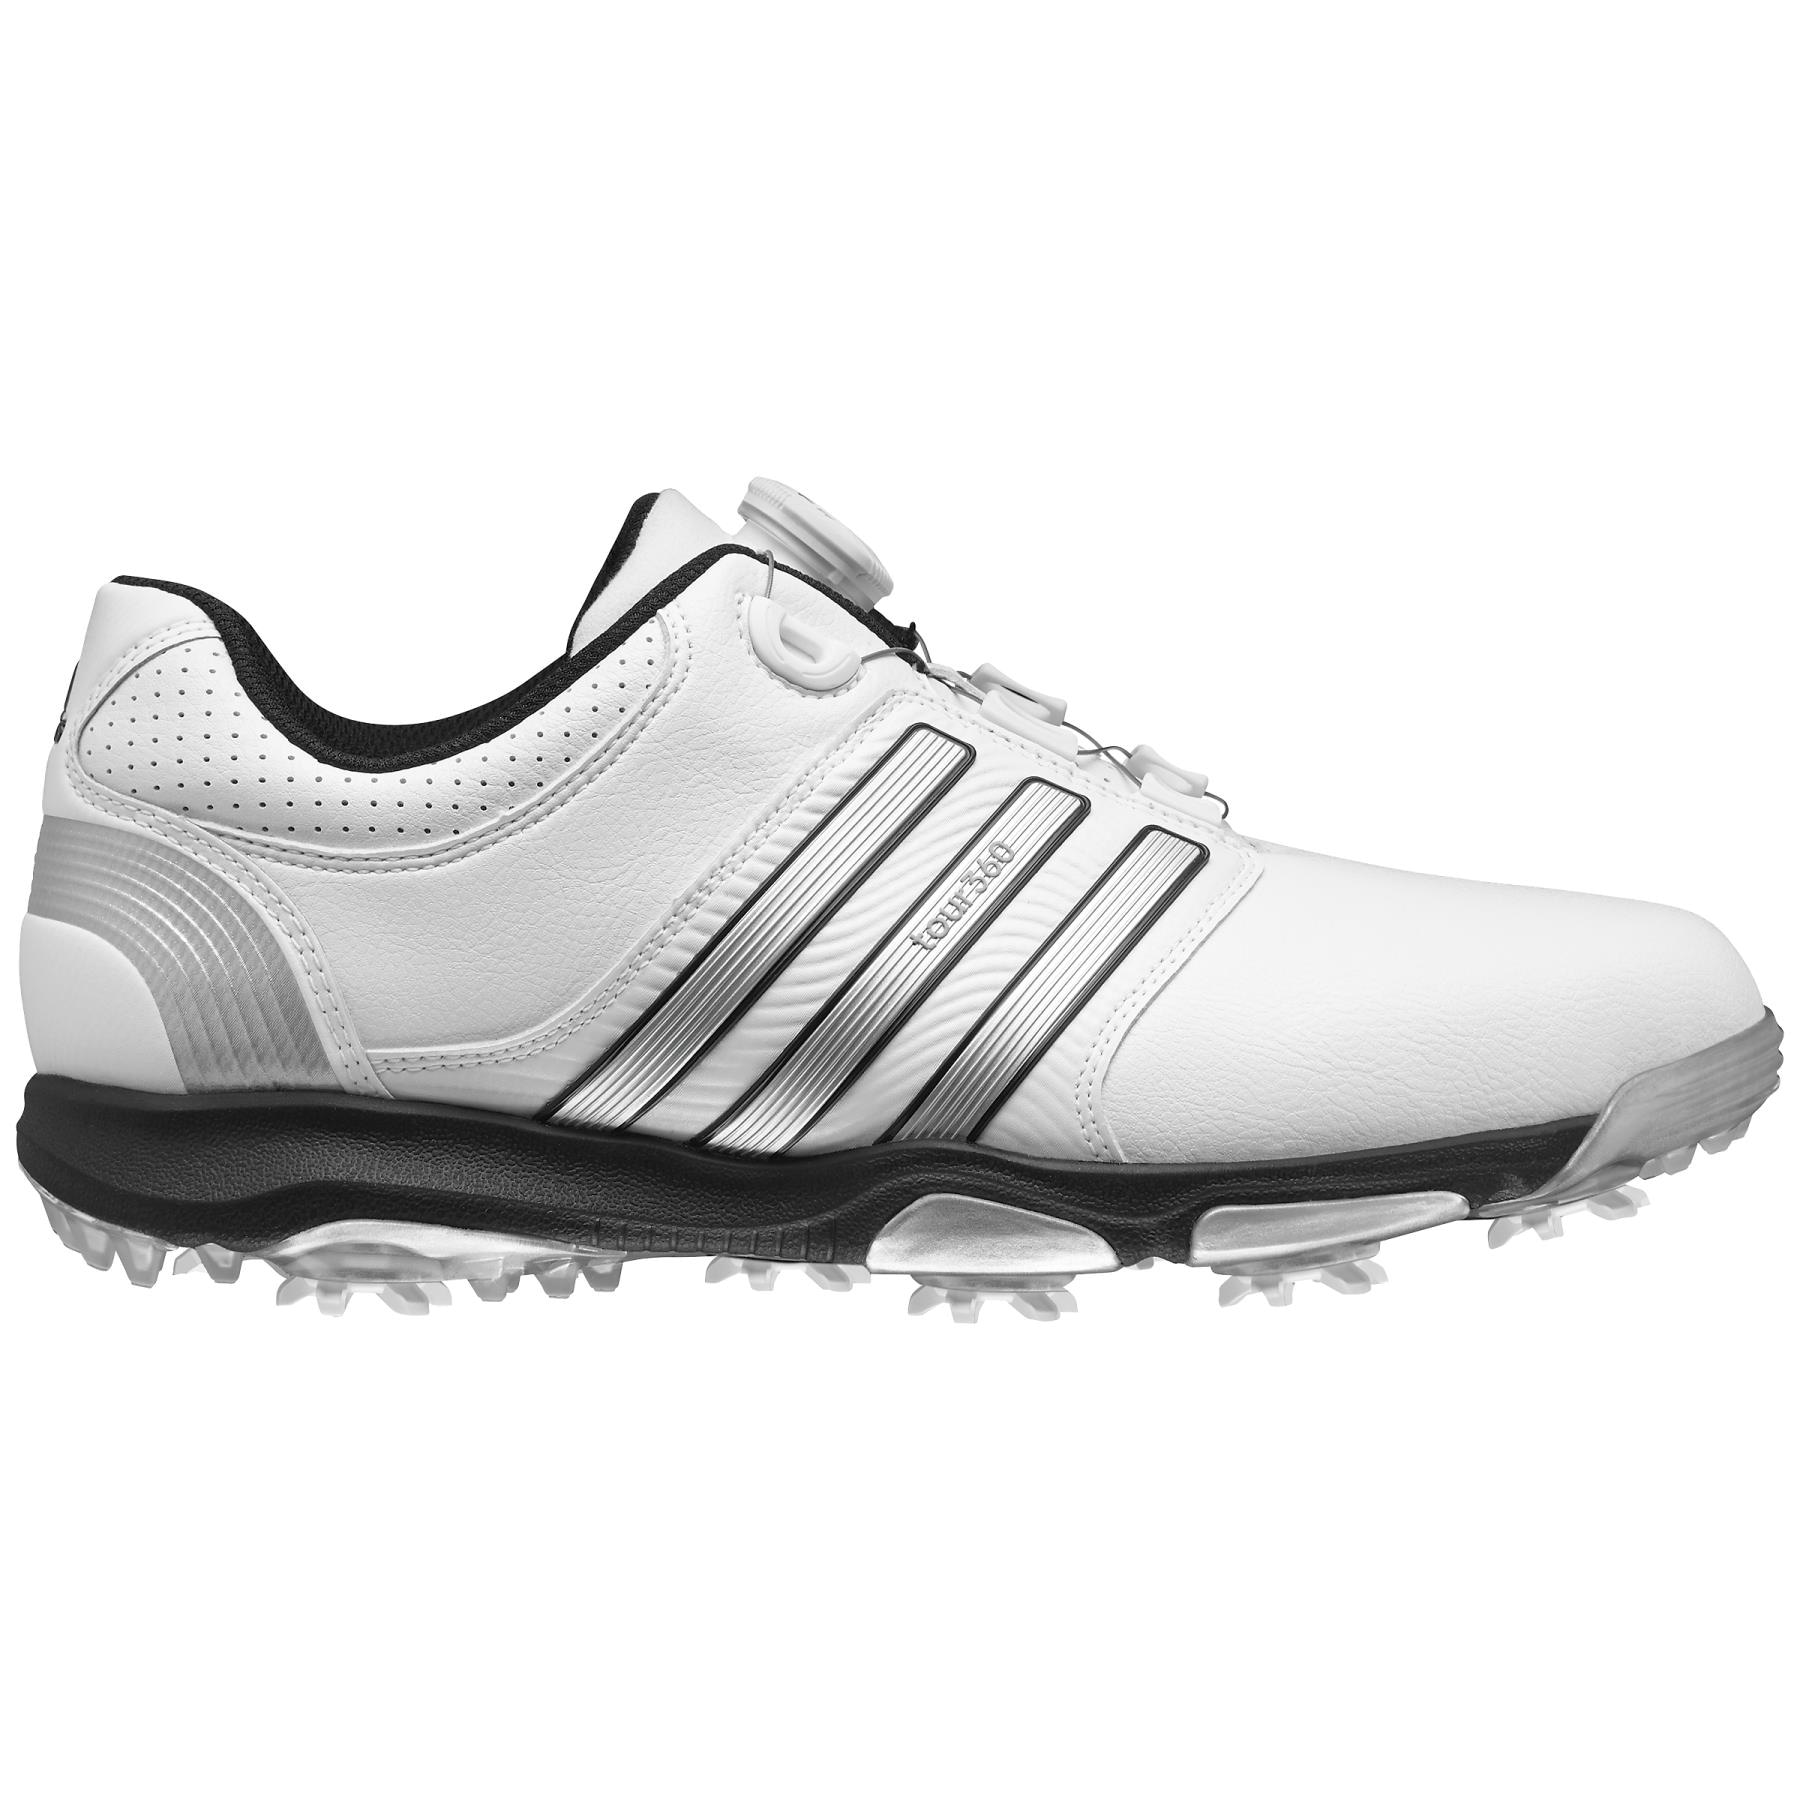 Adidas Men's Tour 360 x BOA Running White/ Silver Metalli...